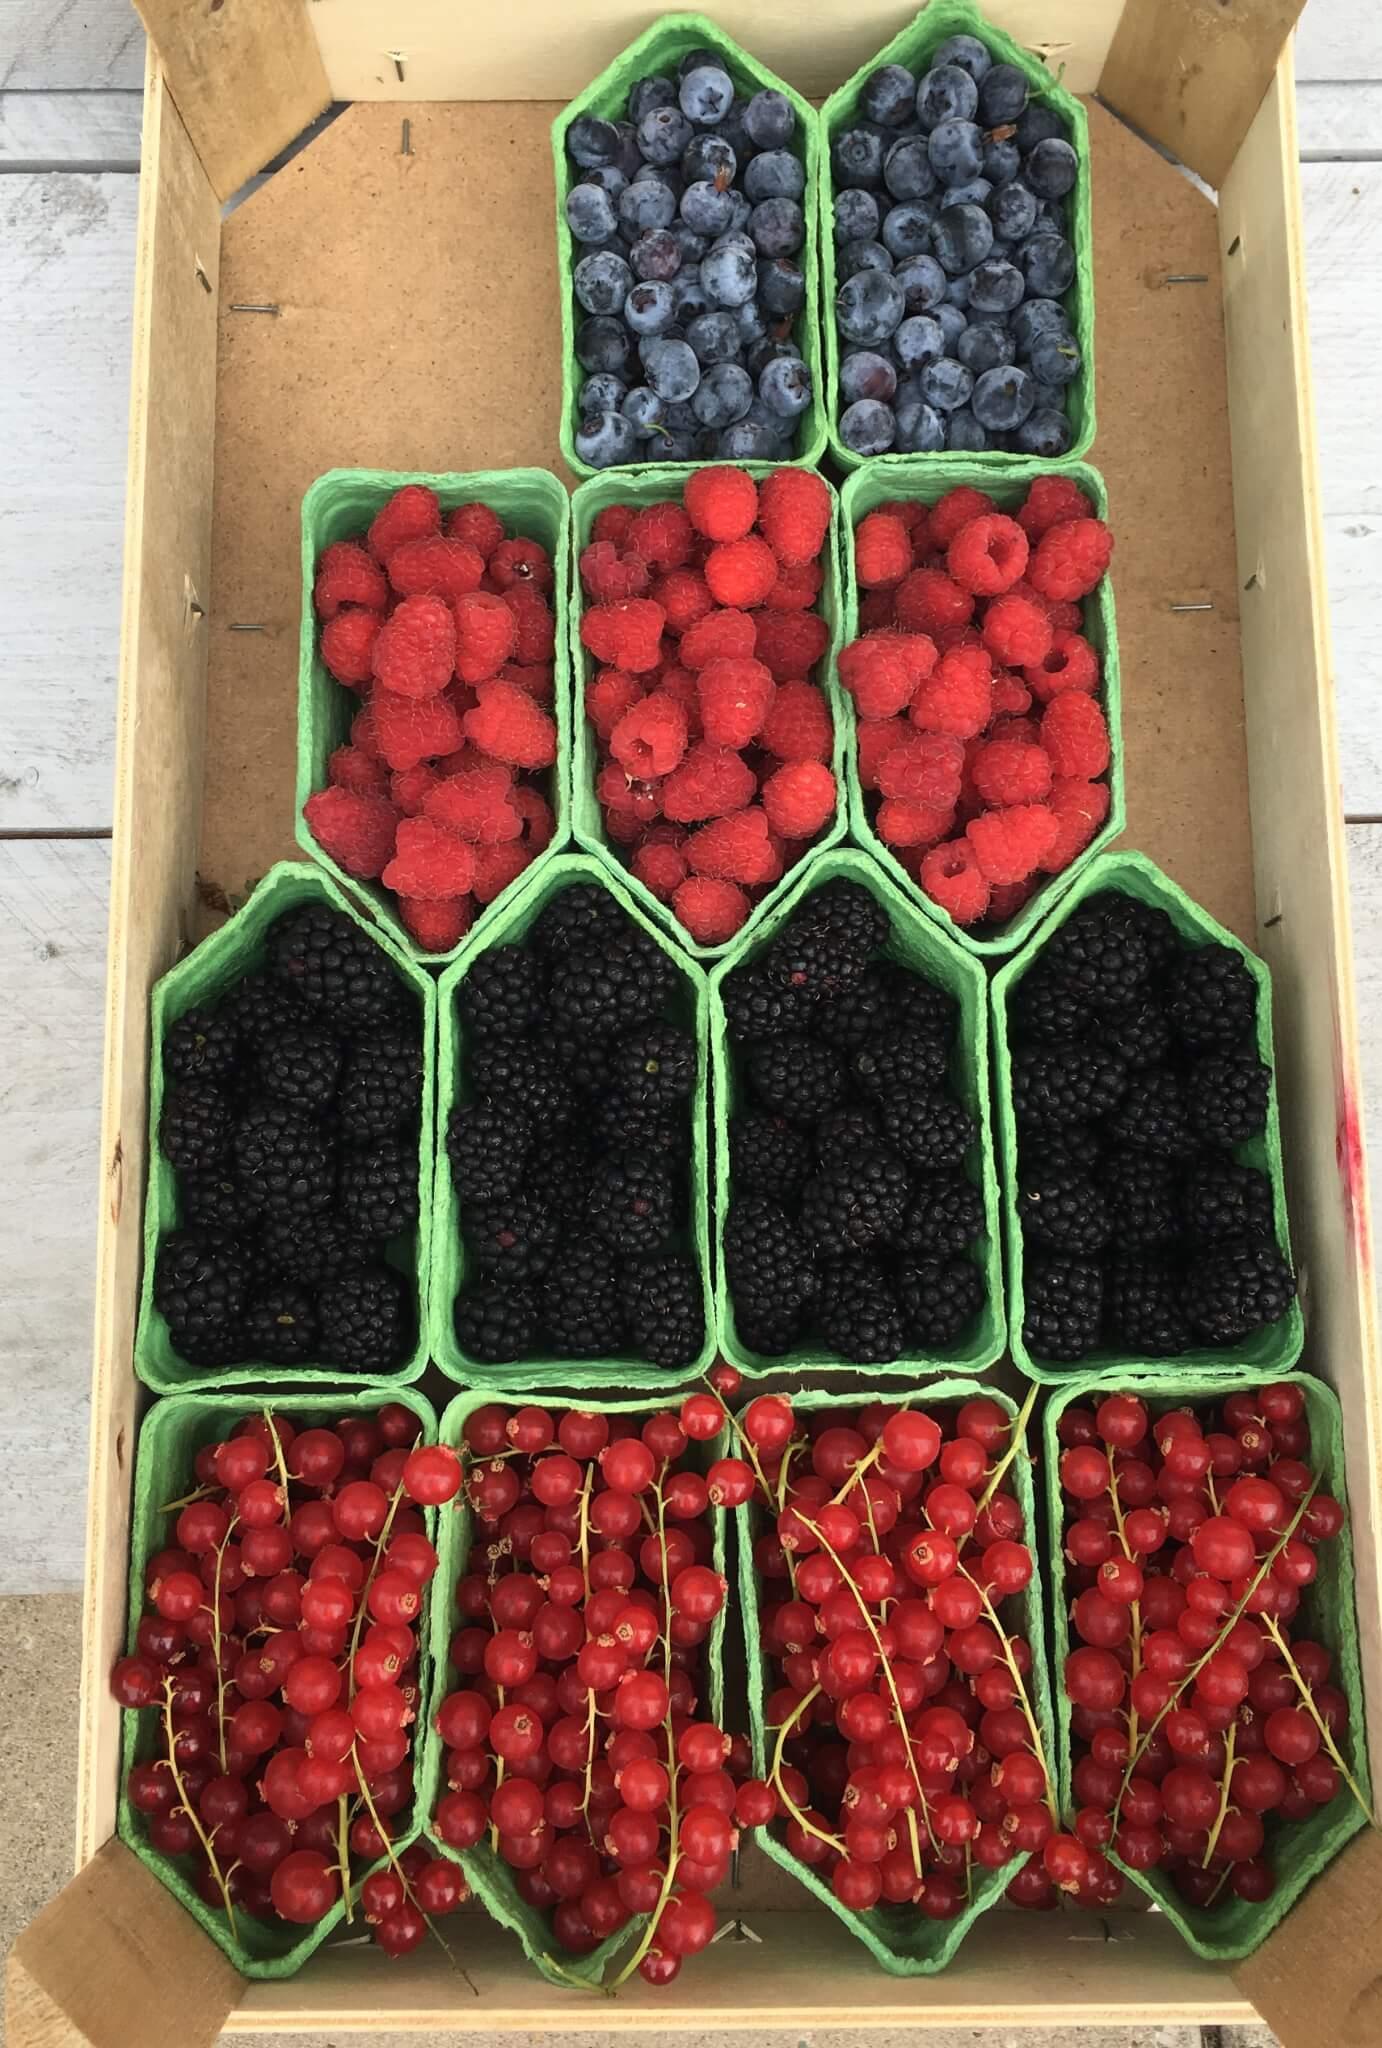 Fruitbedrijf Van den Berge: rode bessen frambozen bramen